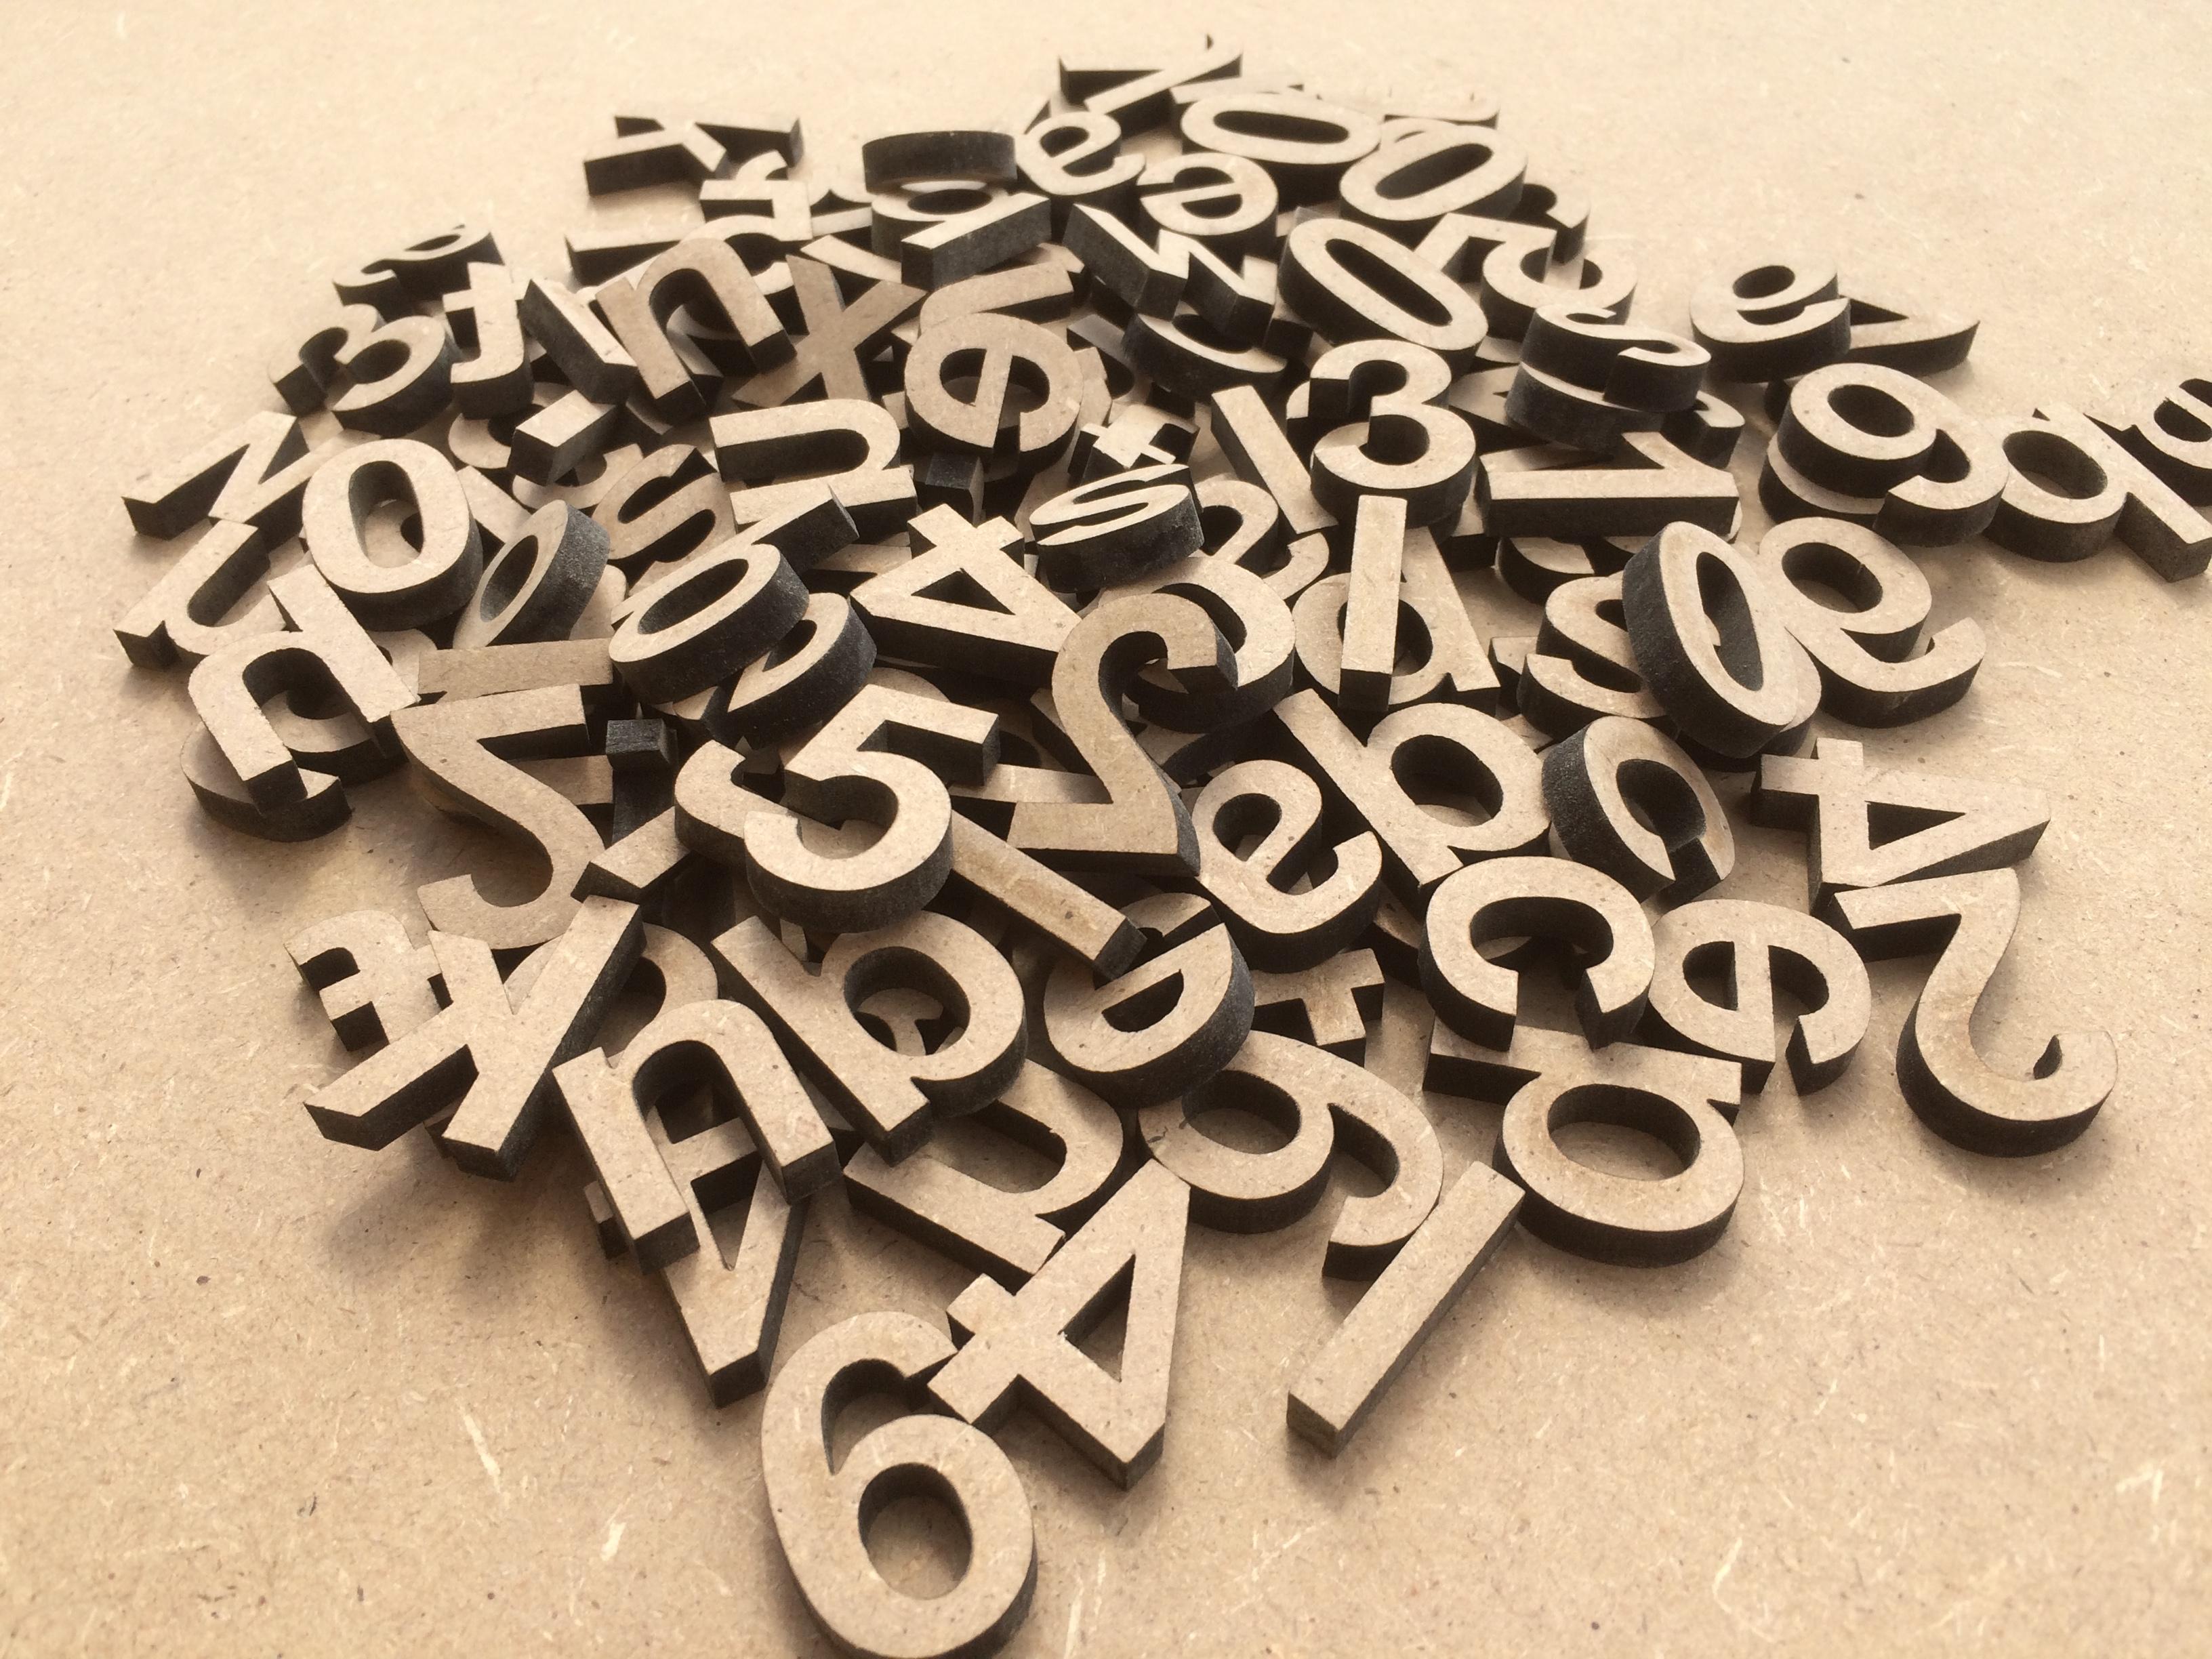 Lettres minuscules en bois lot de 100 pi ces l 39 alphabet complet mv 3d - Pot en 3 lettres ...